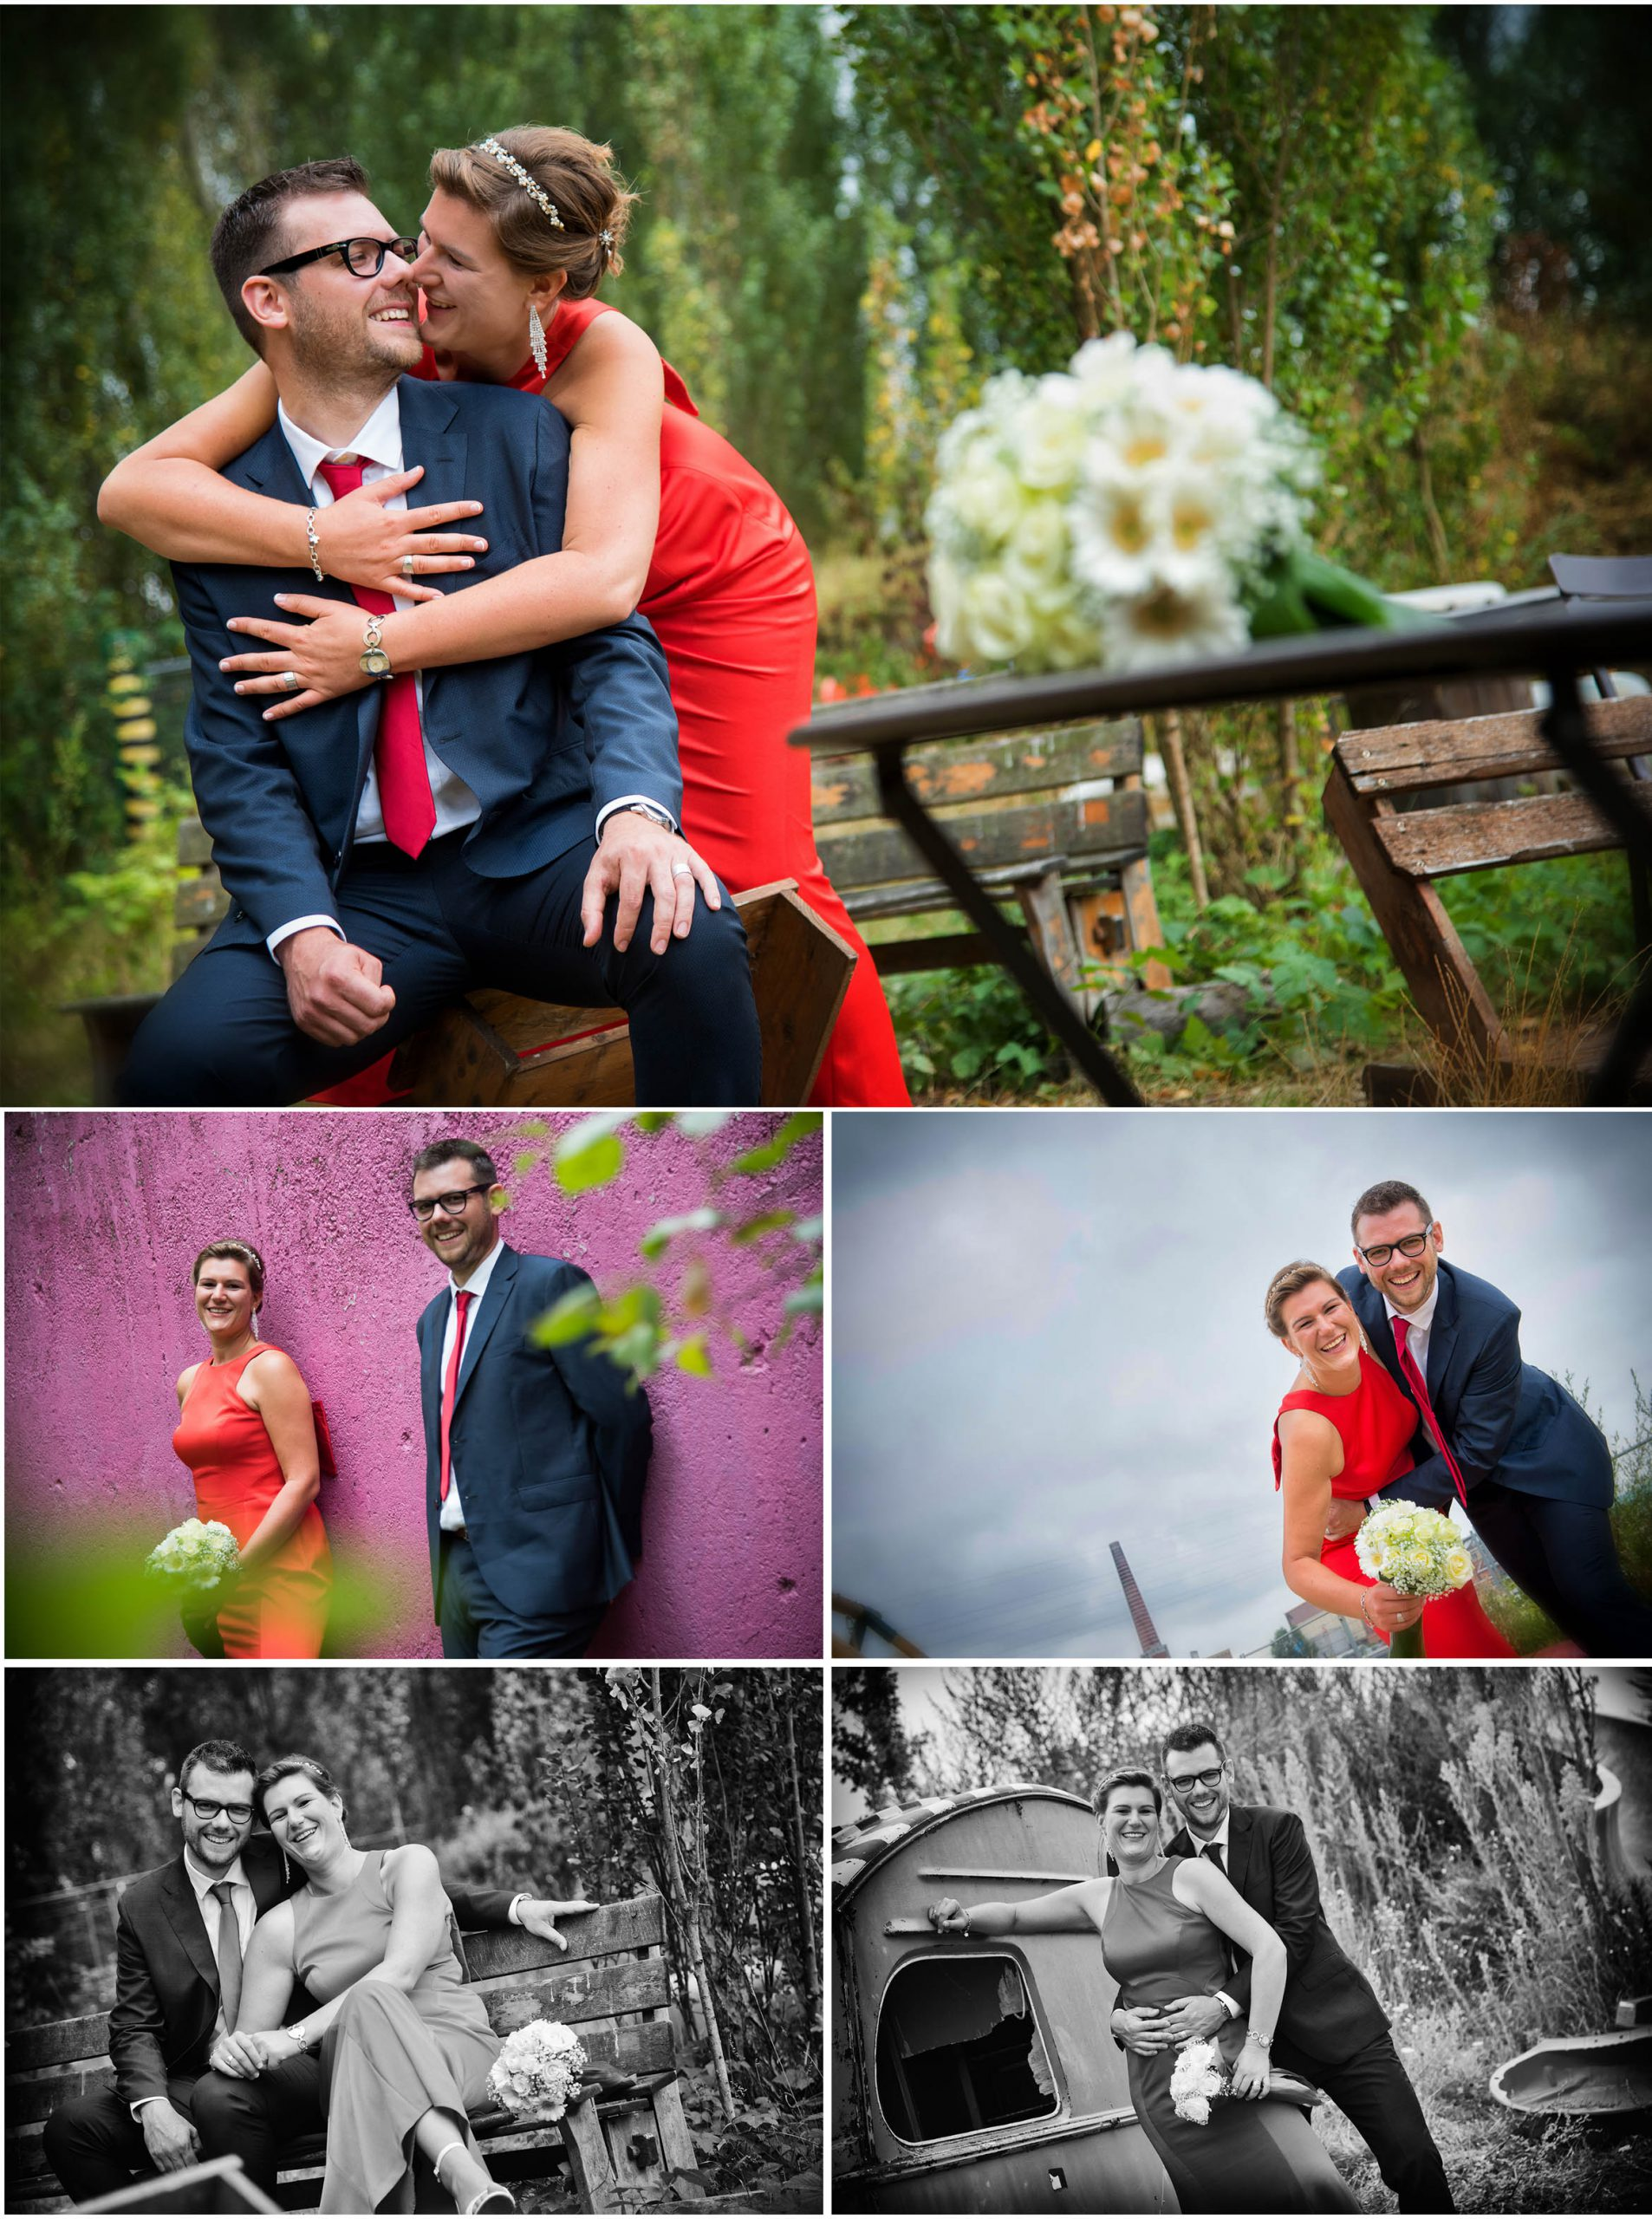 huwelijk fotoshoot